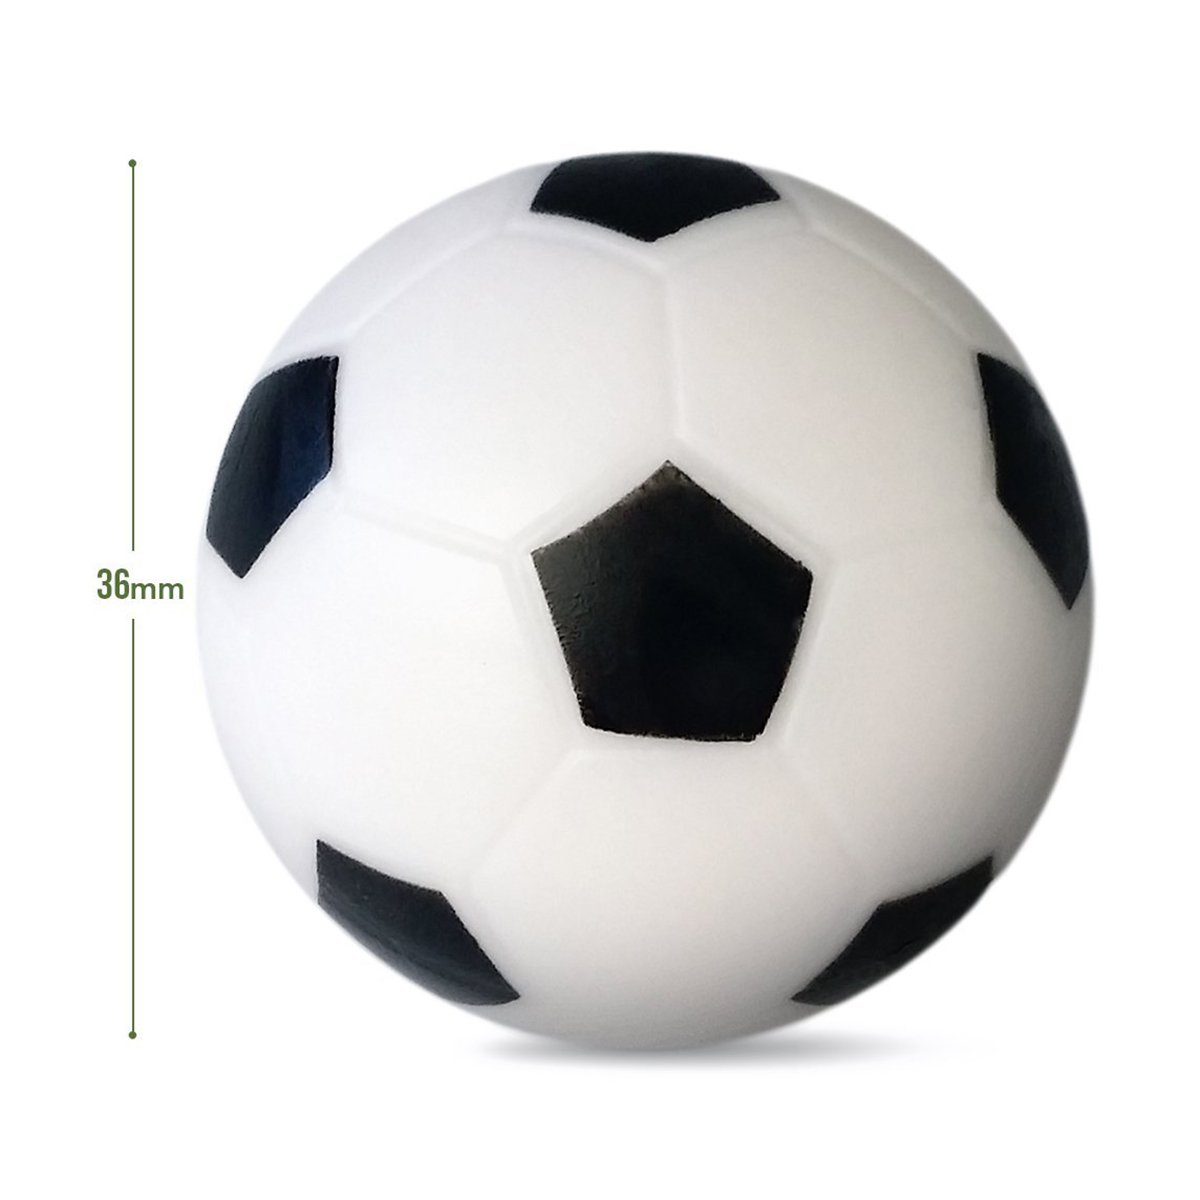 winomo mesa de futbolín Negro/Blanco Mesa Fútbol bolas 36 mm parte ersetzung Tabla tamaño 14pcs: Amazon.es: Deportes y aire libre